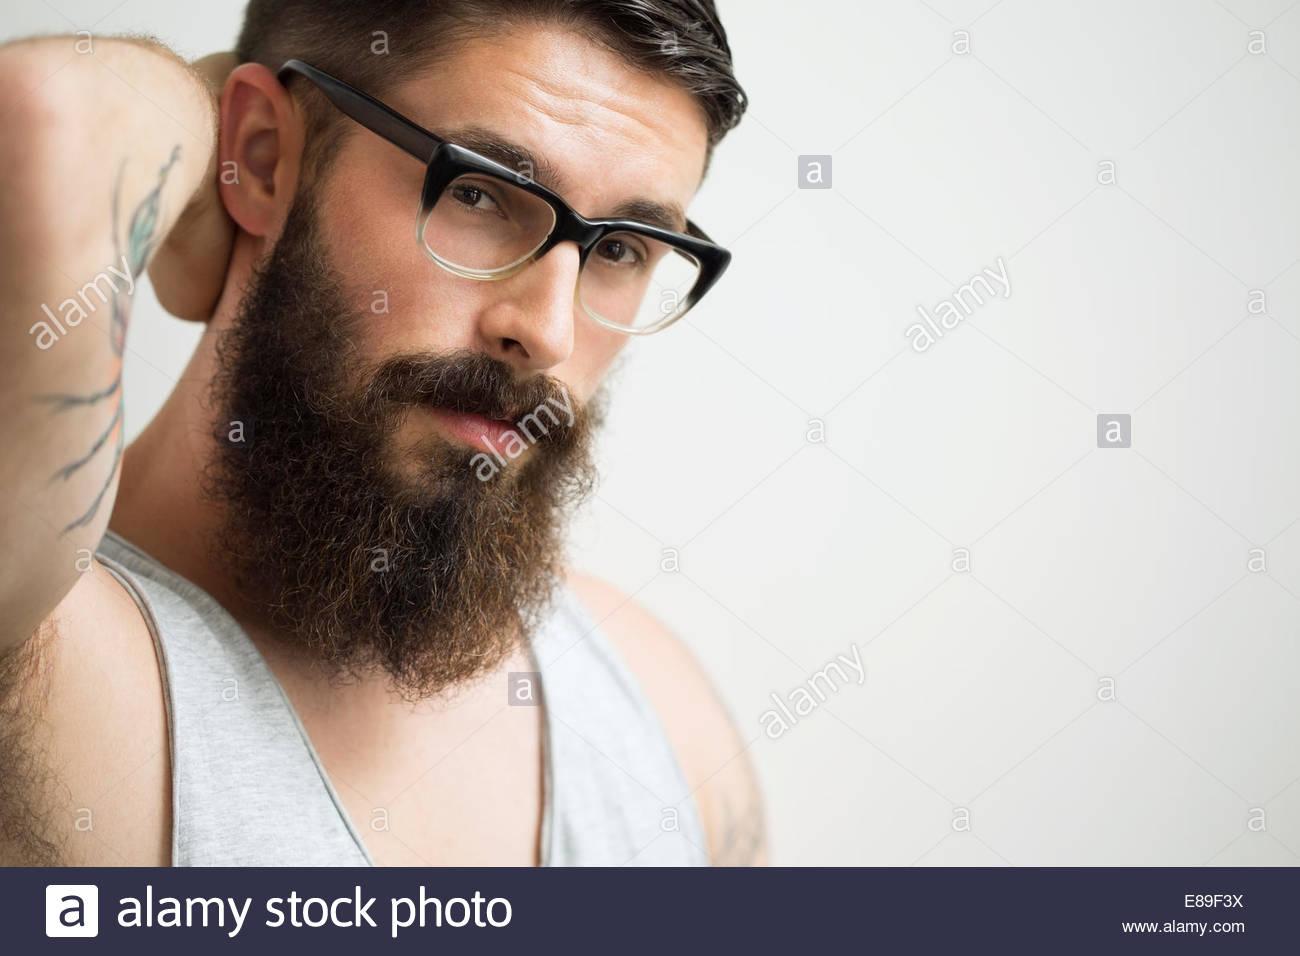 431355f5b3 Ritratto di bruna uomo con barba indossando occhiali da vista Foto ...